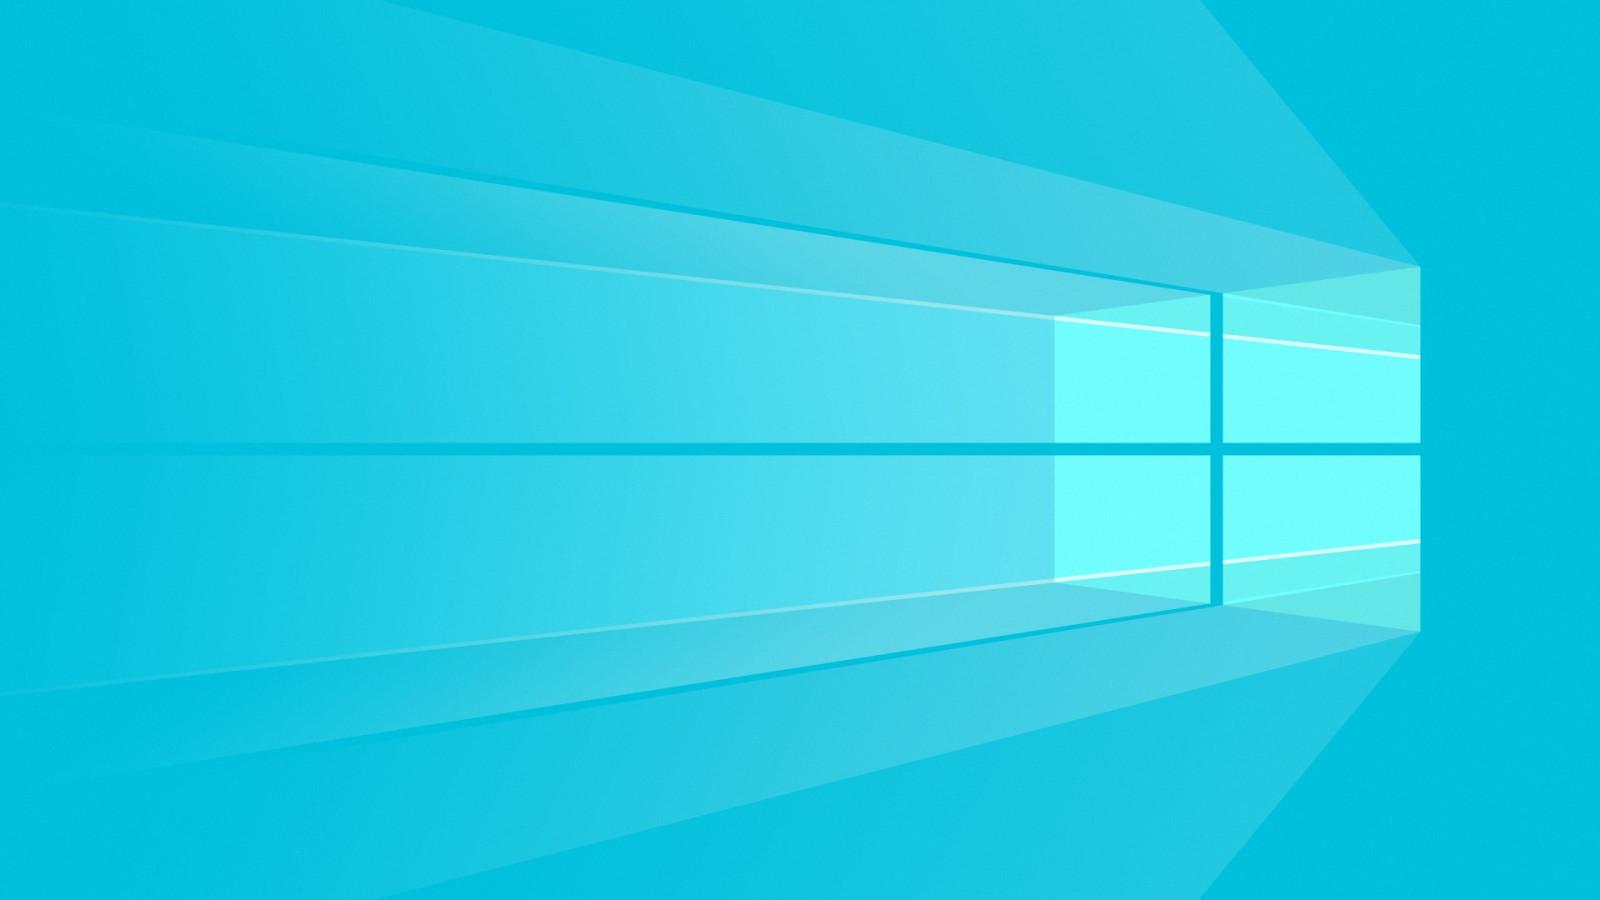 Windows 10 Lisenssi Ilmaiseksi